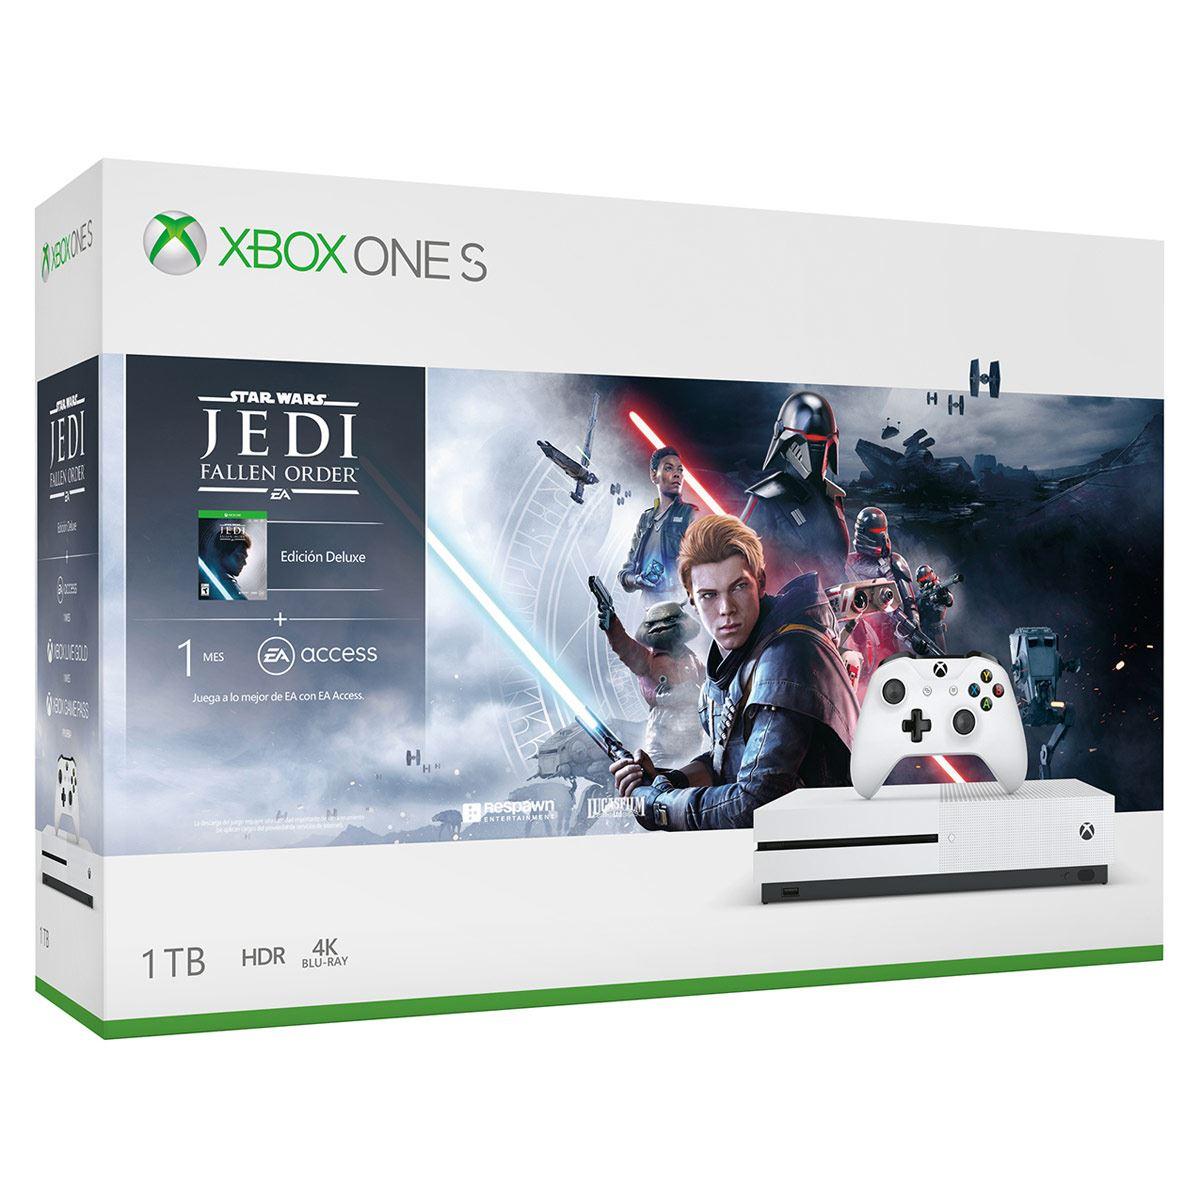 Consola Xbox One S 1 TB Star Wars Jedi + Hyperx